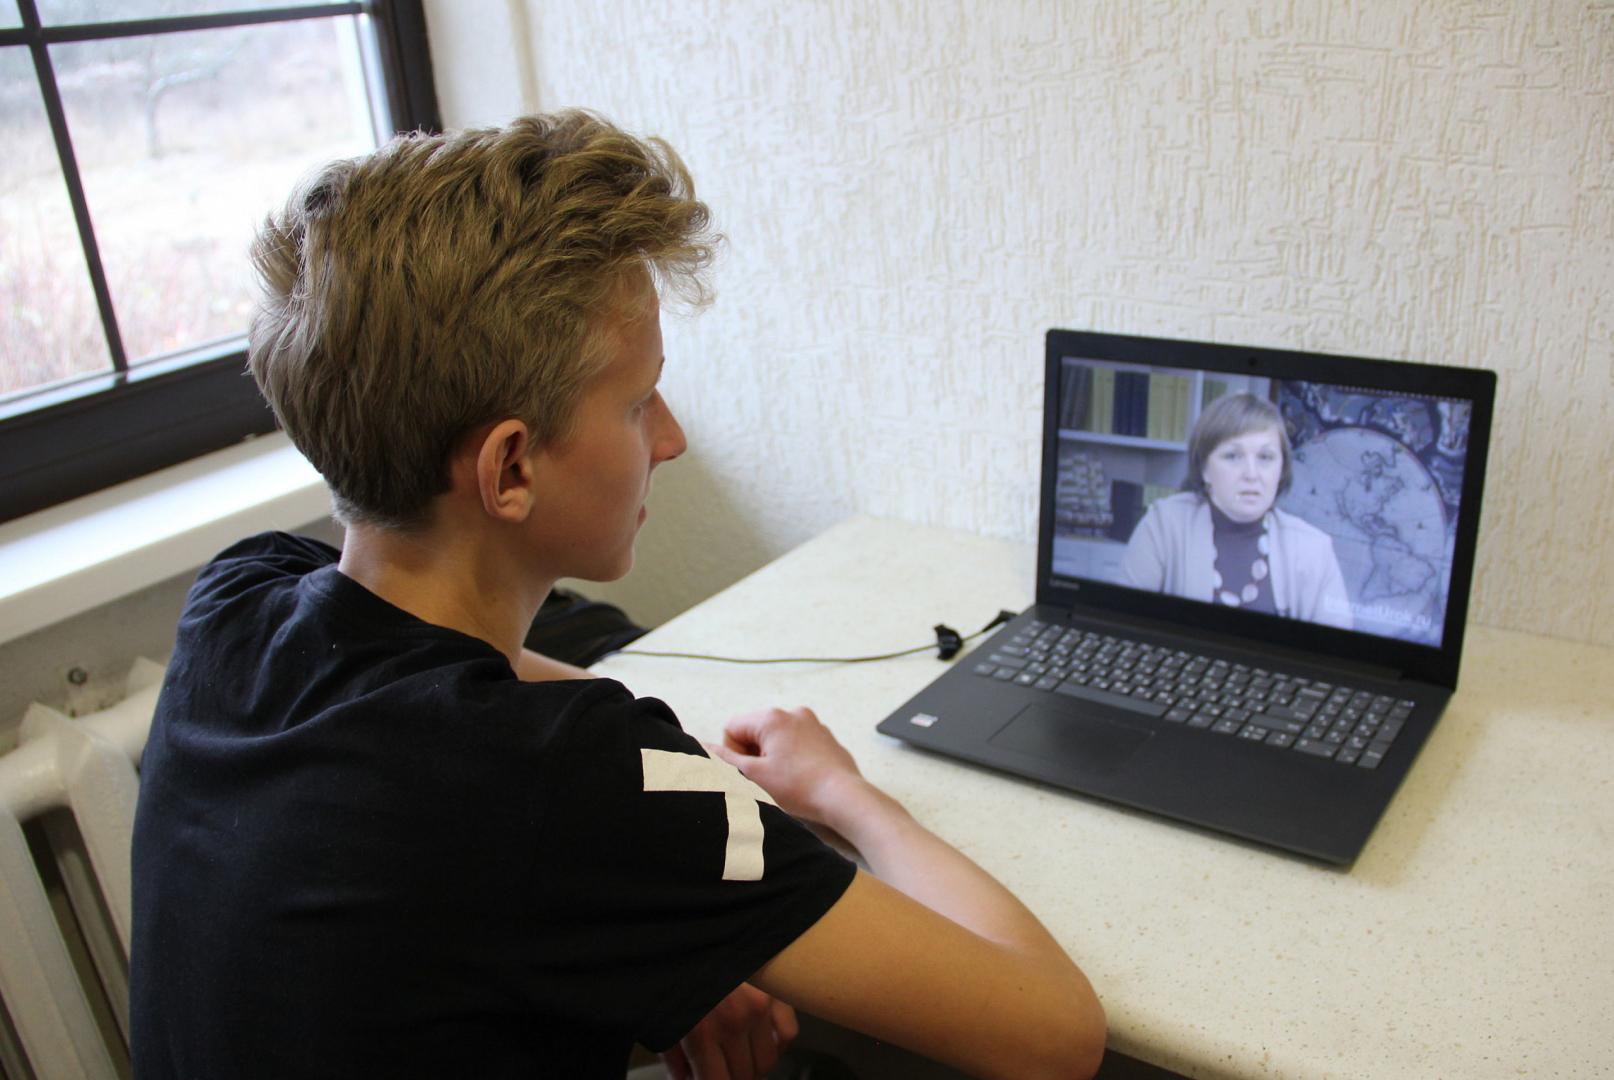 Брифинг по коронавирусу: Жителей республики просят не перегружать каналы связи во время школьных онлайн-занятий